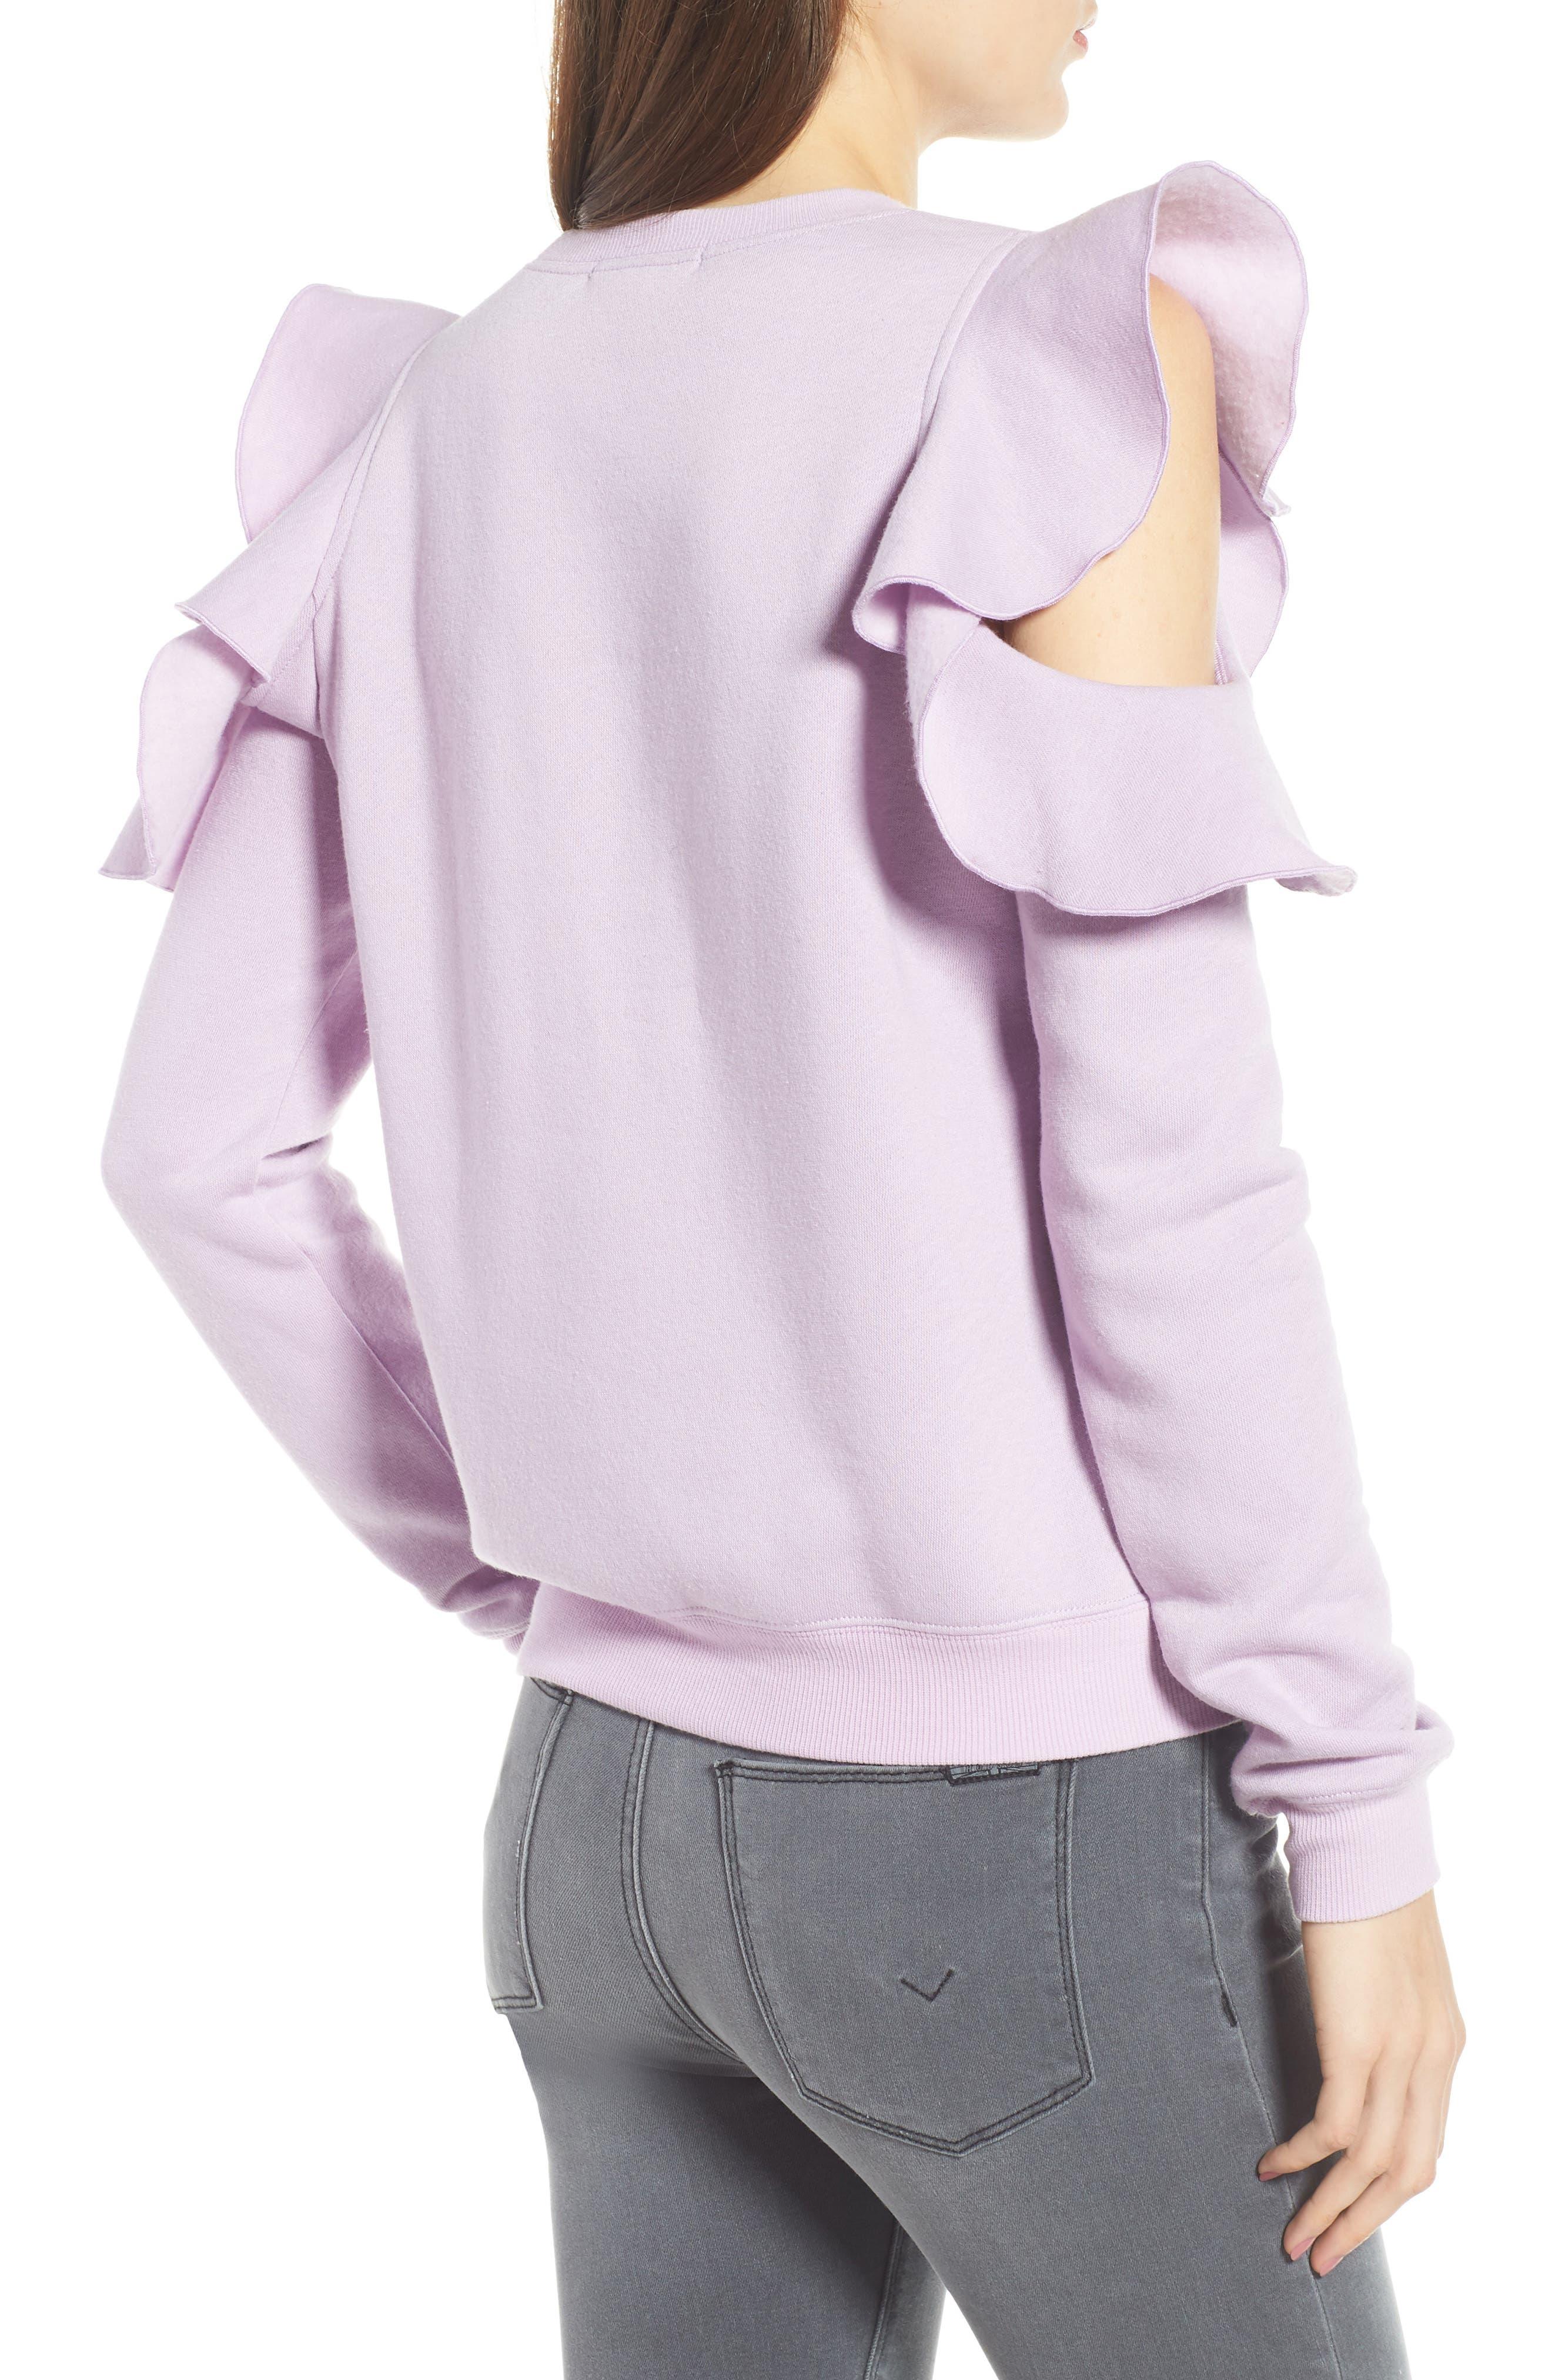 Gracie Cold Shoulder Sweatshirt,                             Alternate thumbnail 2, color,                             502